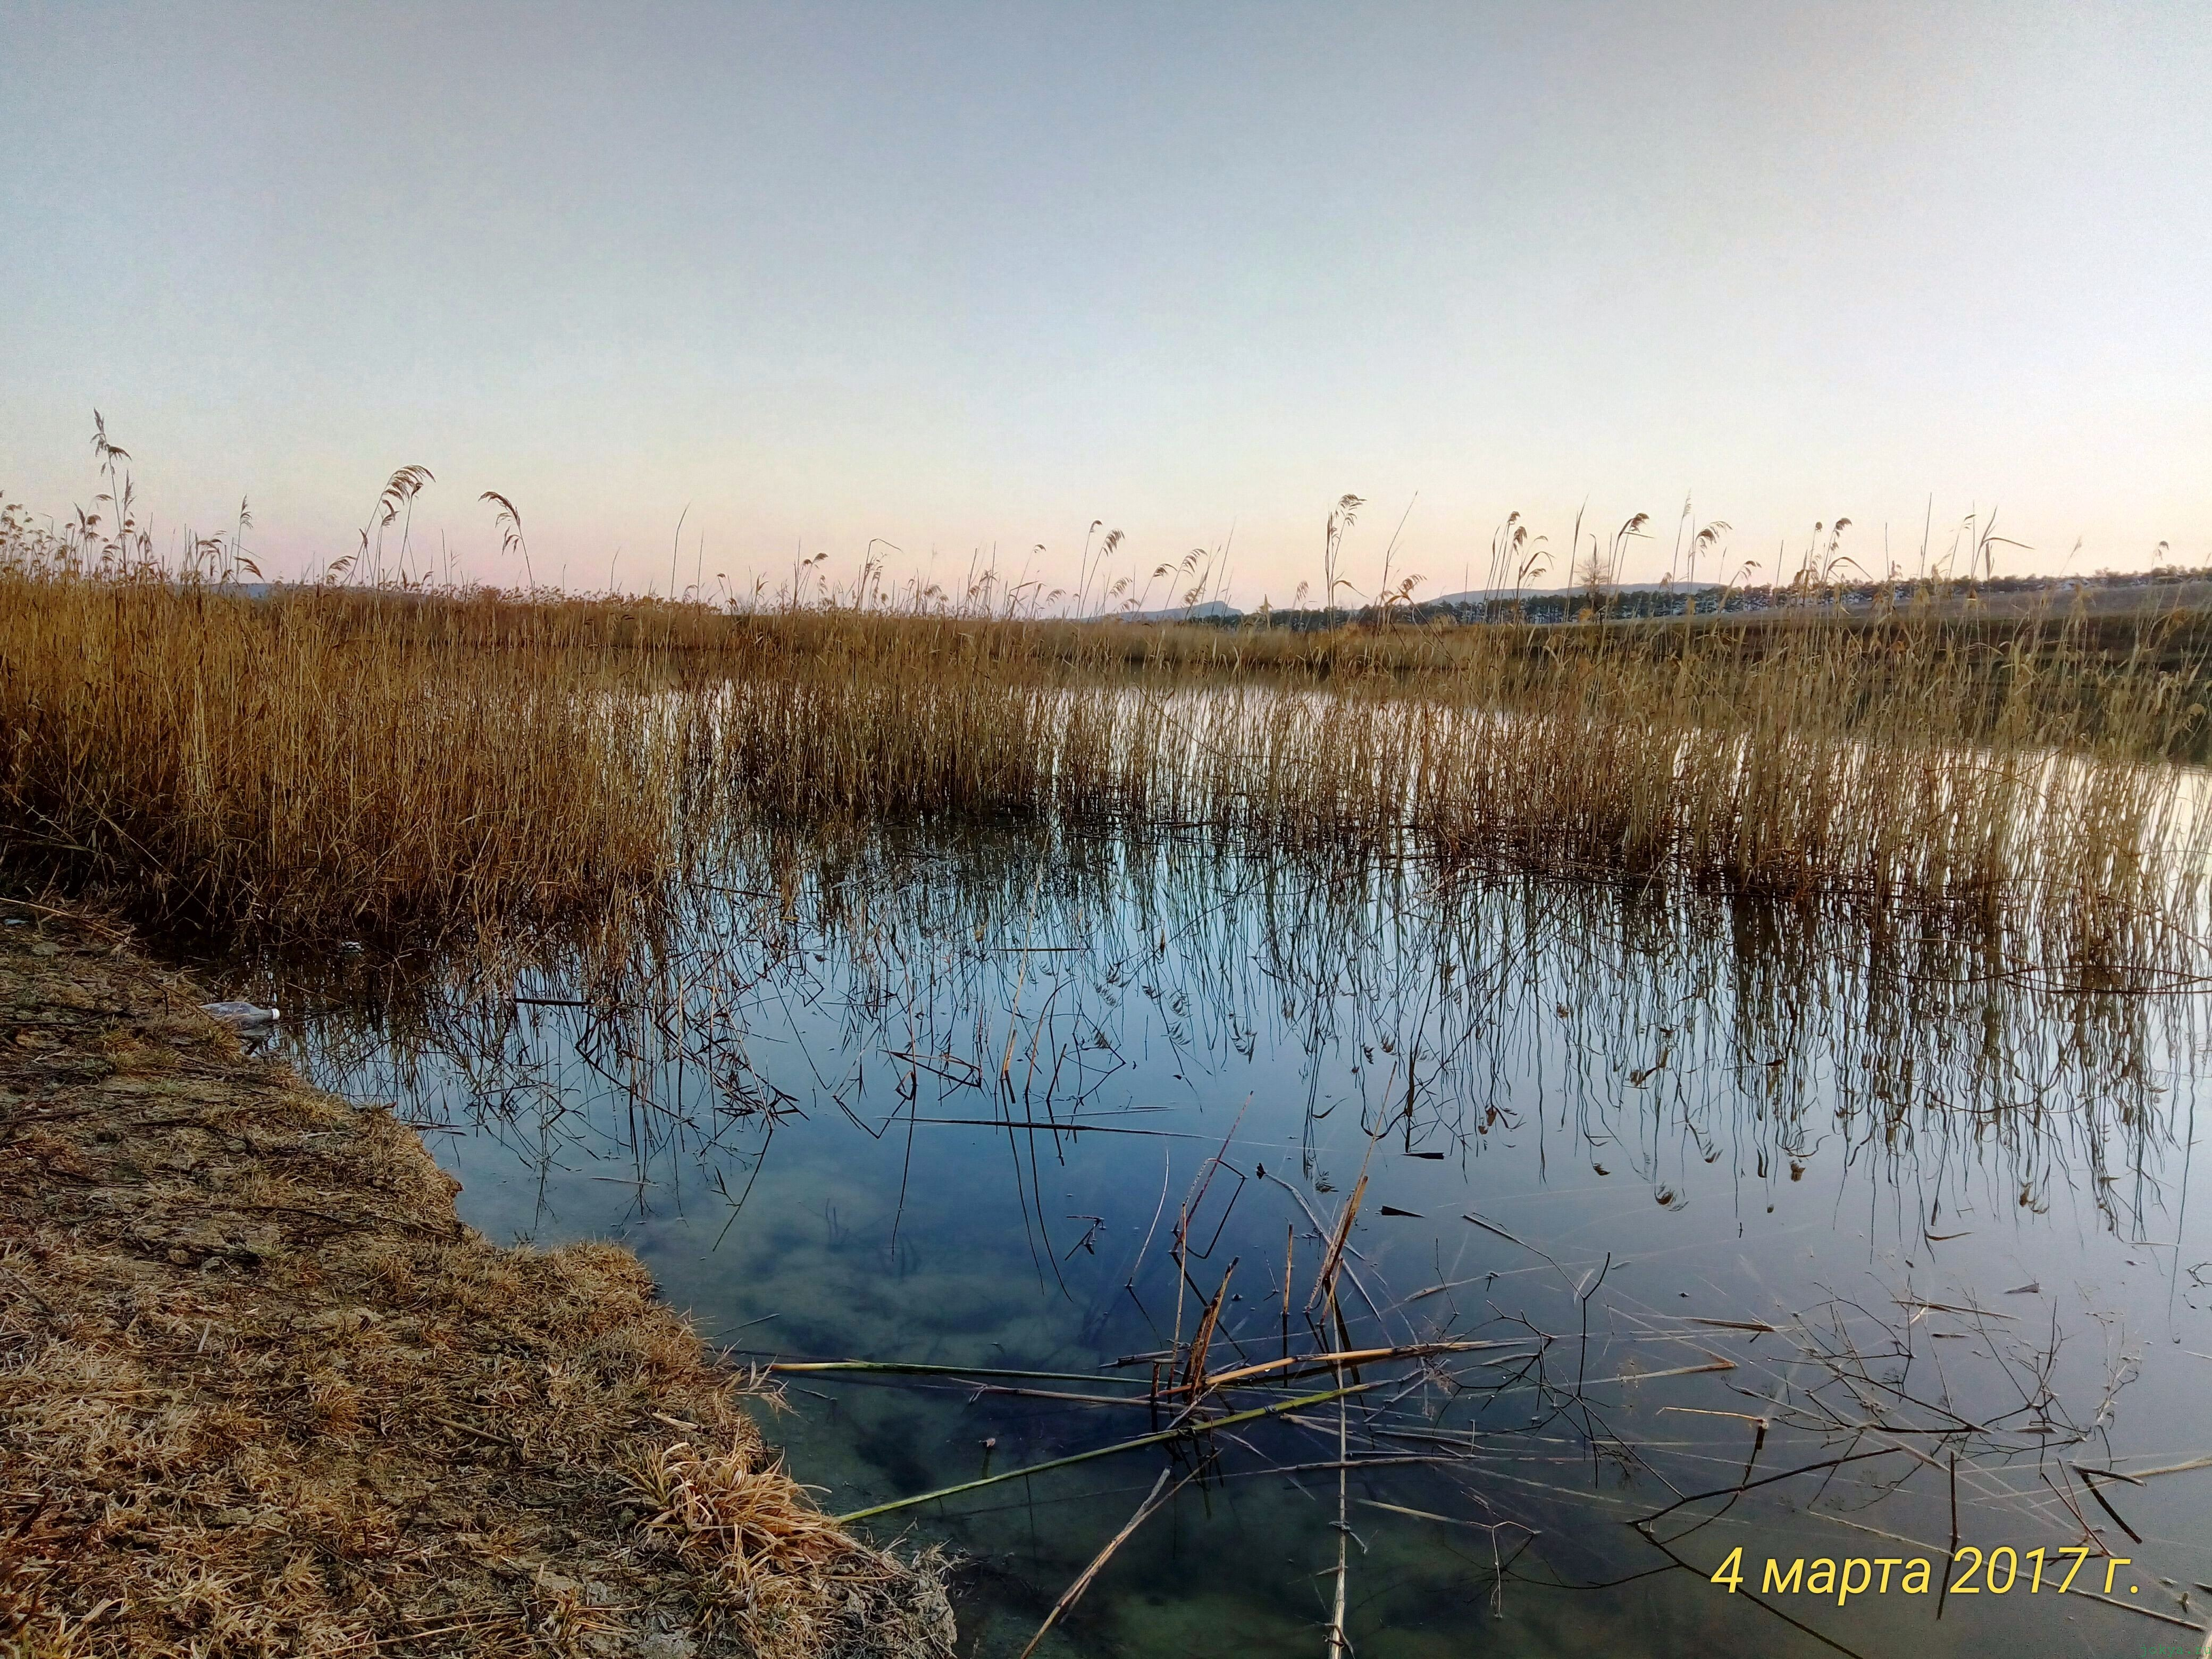 Пешком на рыбалку на карася на водоем: фото заметка о моей реальности в Крыму jokya.ru